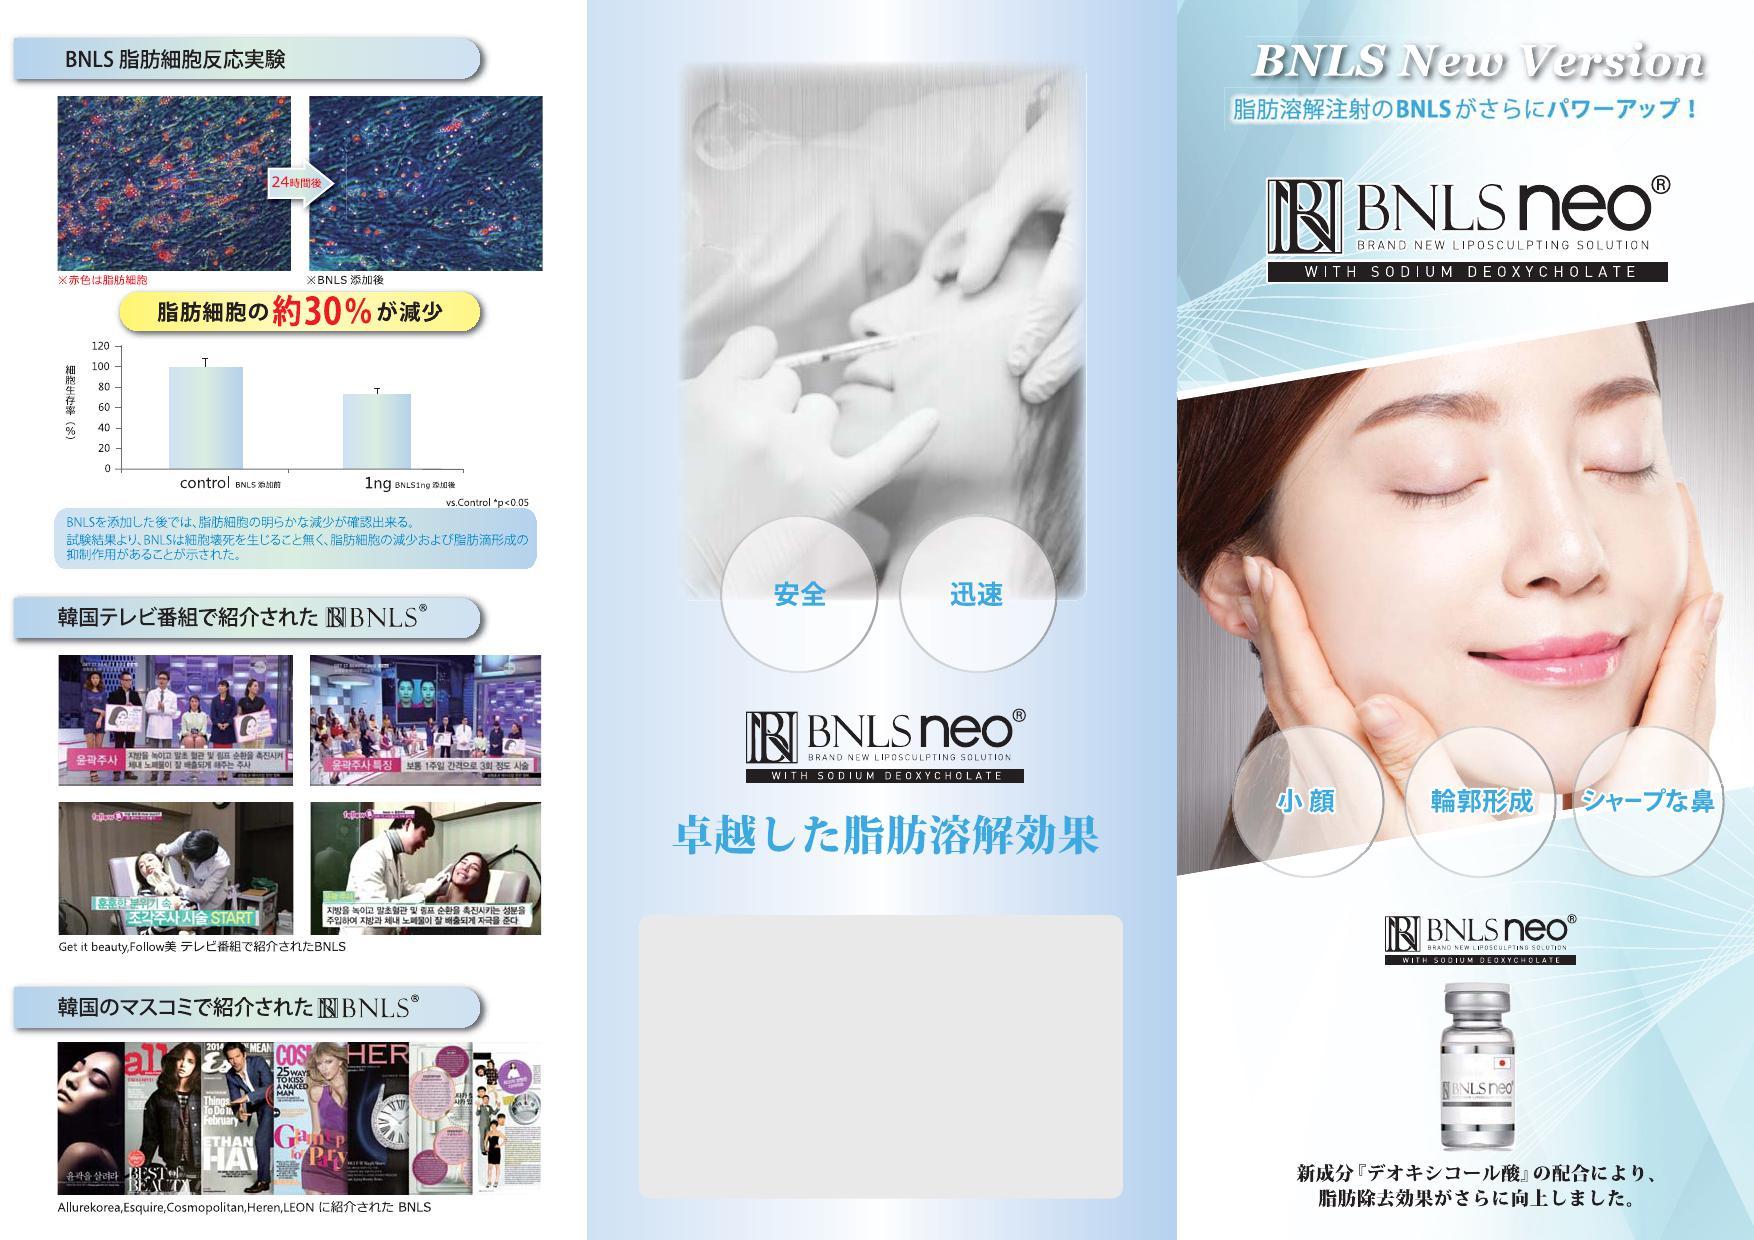 BNLS Neo_000001